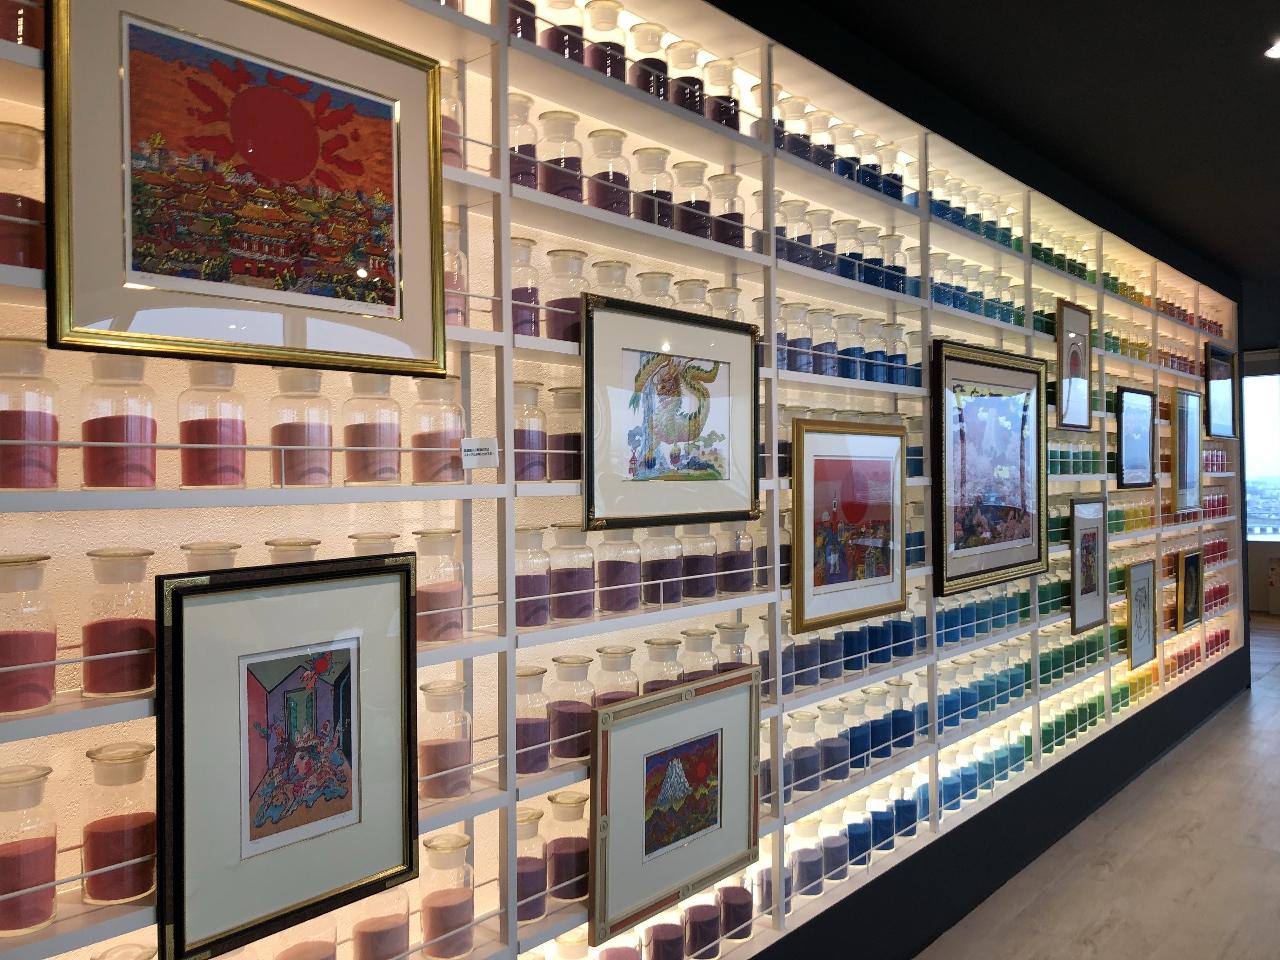 「絹谷幸二 天空美術館」梅田スカイビル25周年記念、豊饒な色彩と驚天動地のイメージ世界に感動!